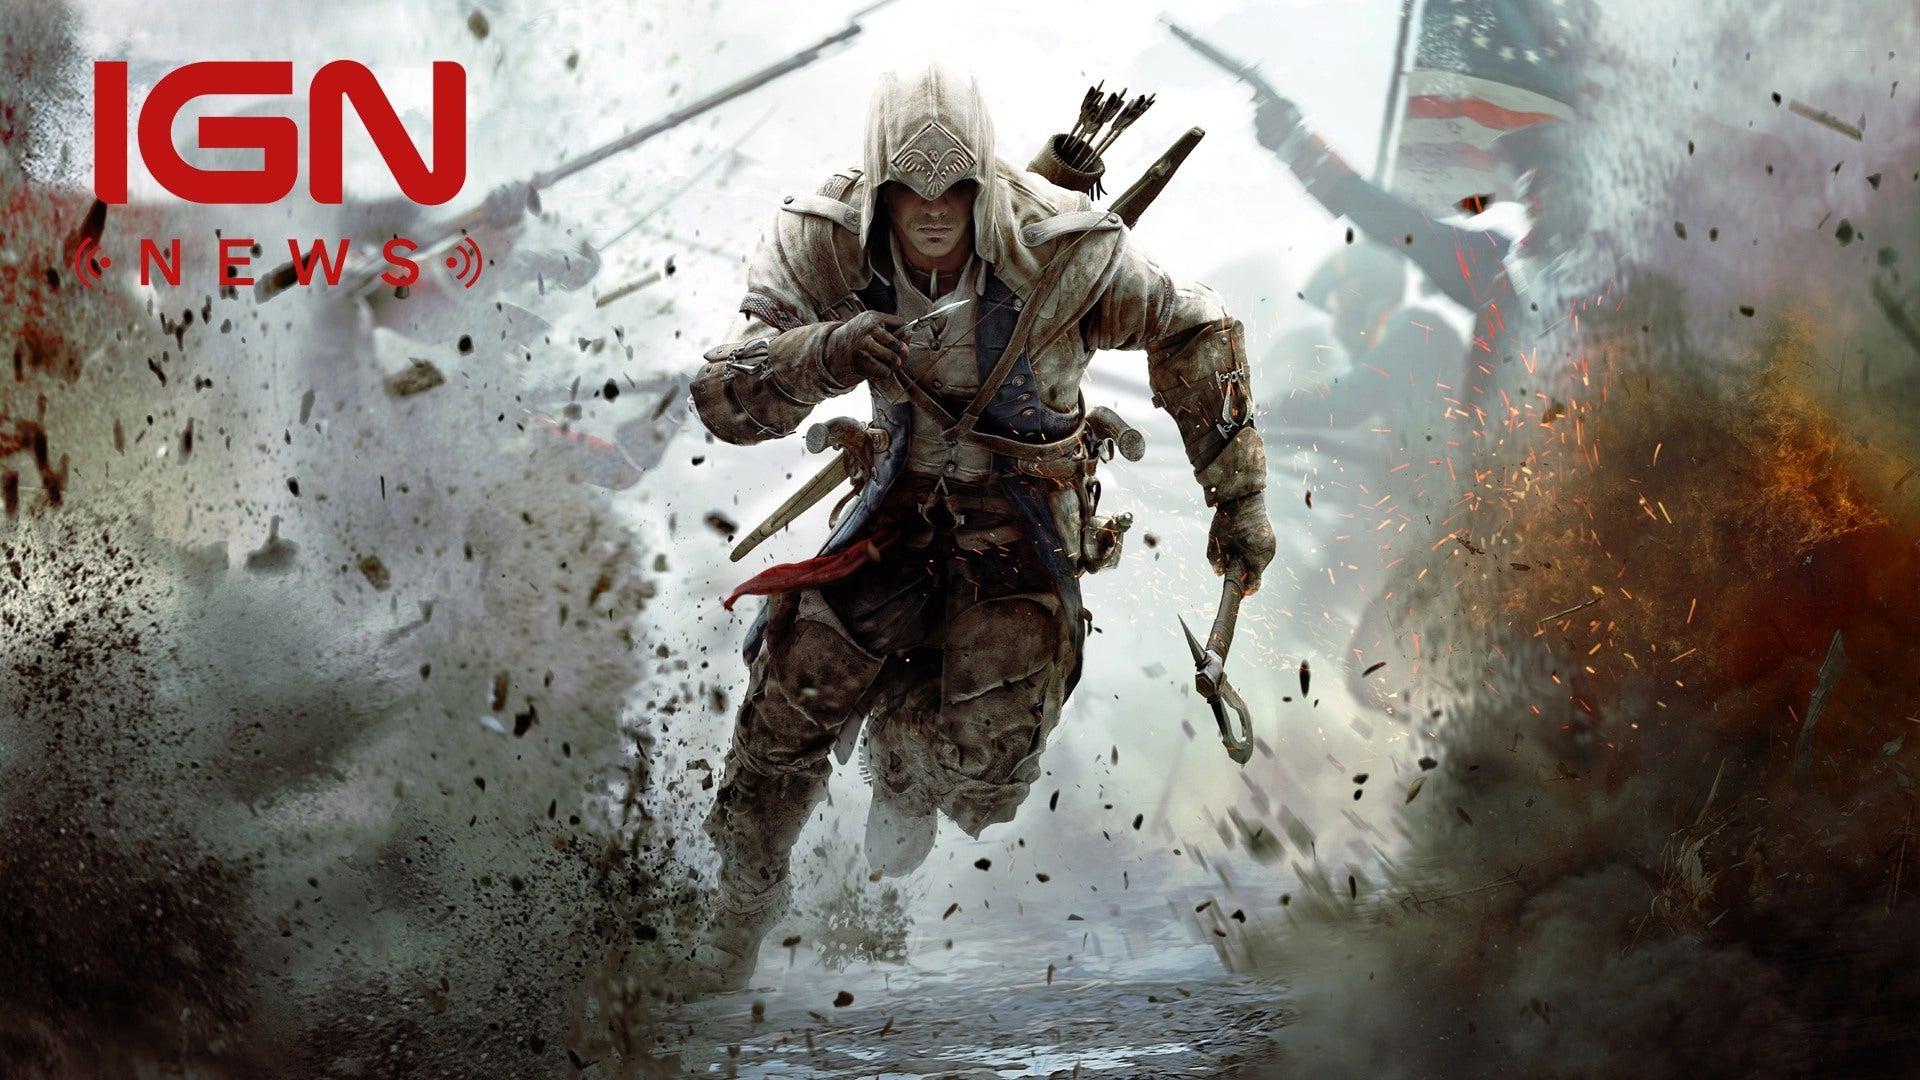 Assassins creed games free online - Assassins Creed Games Free Online 1